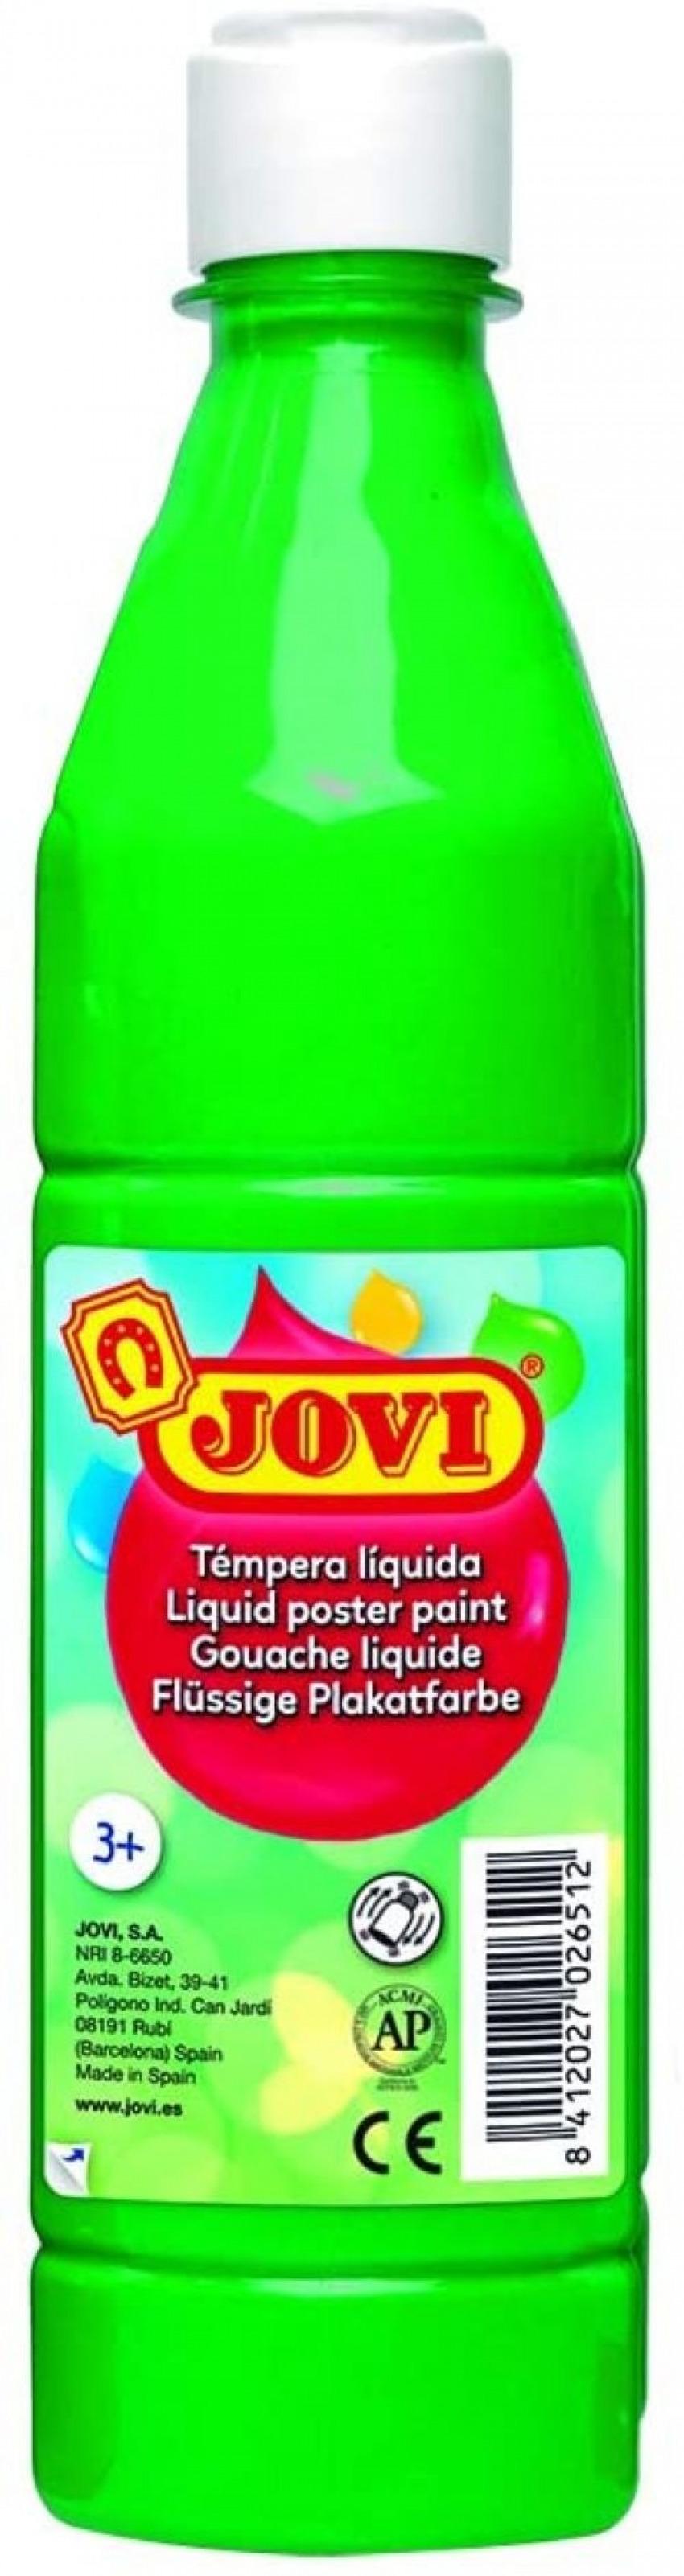 Bote tempera liquida jovi verde medio 500 ml 8412027003704